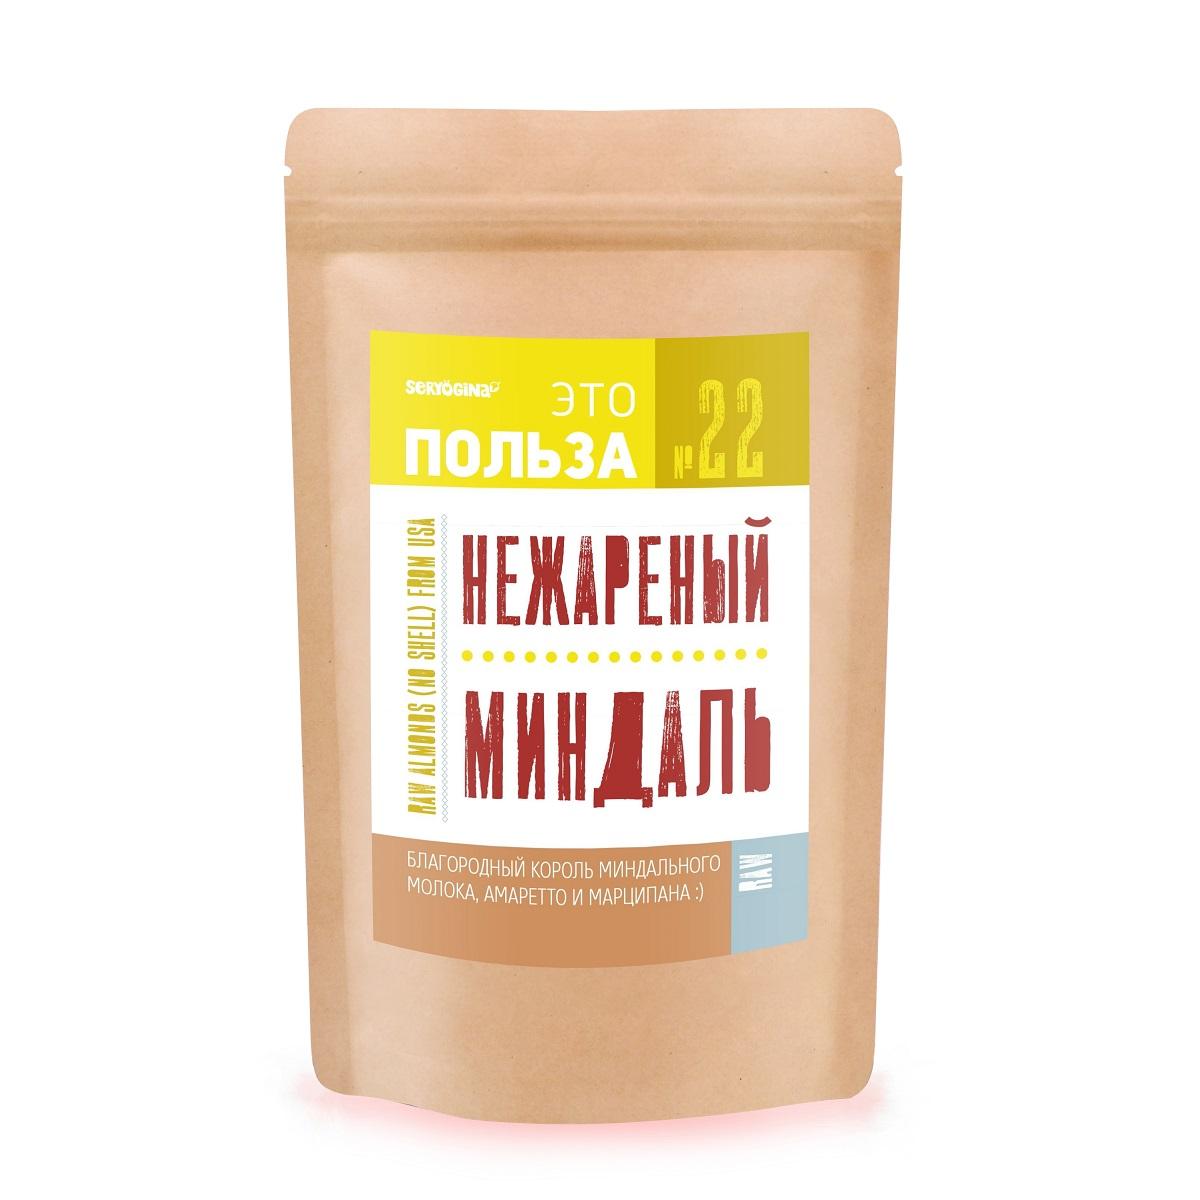 Seryogina Миндаль нежареный, 900 г seryogina бразильский орех 200 г